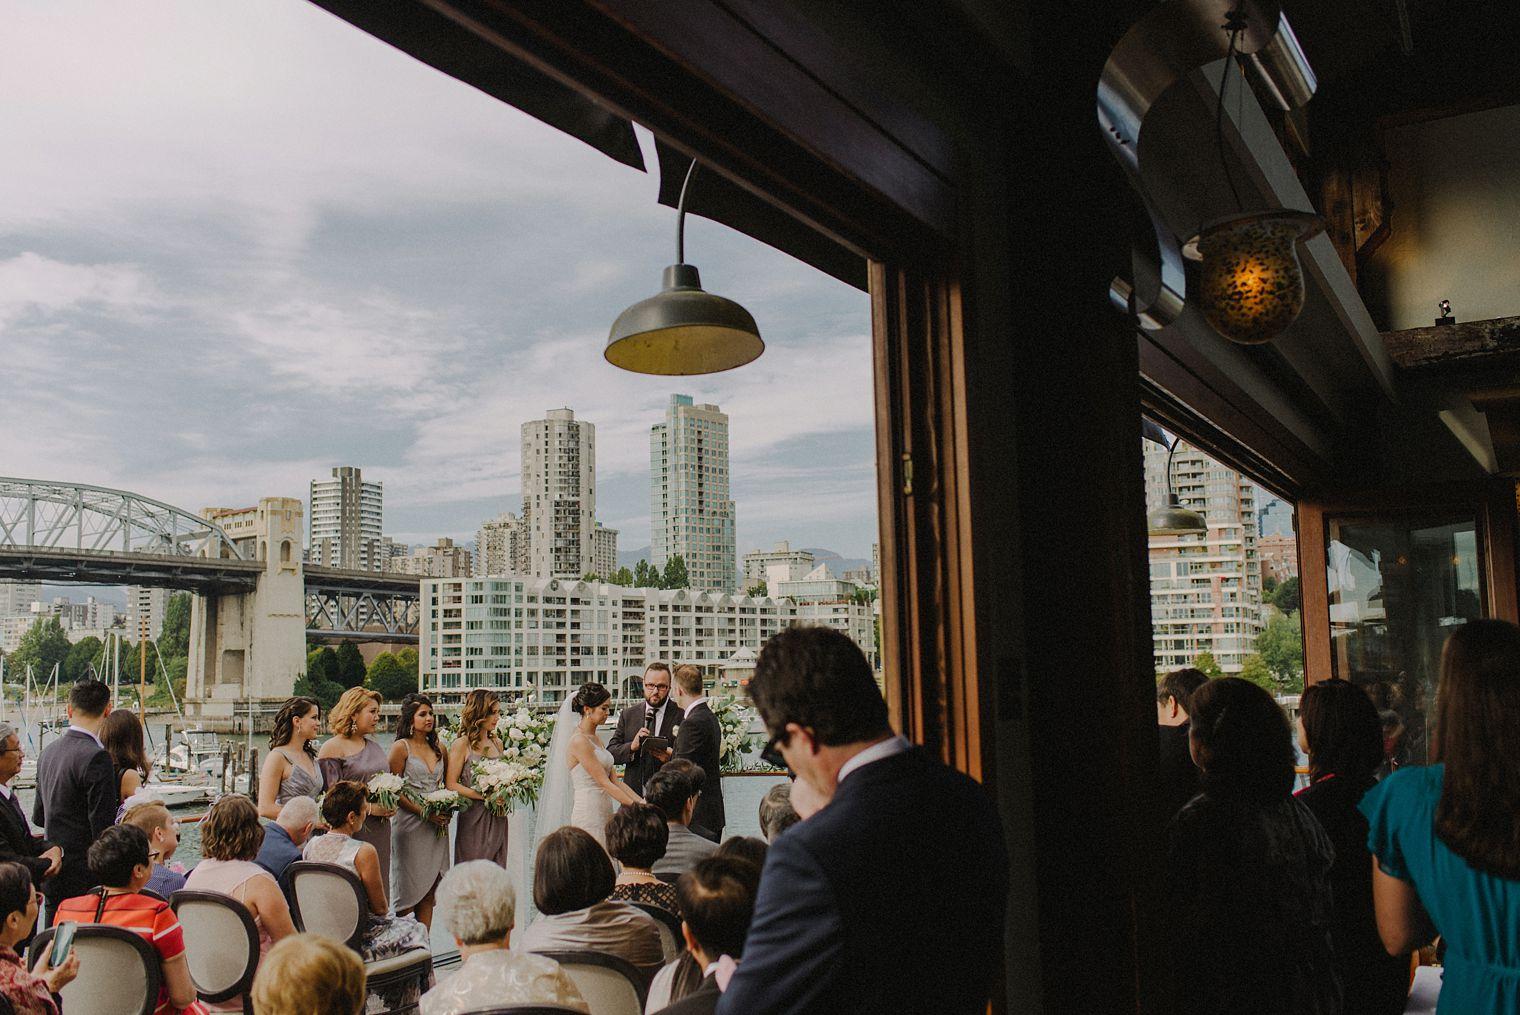 bridges restaurant wedding venue